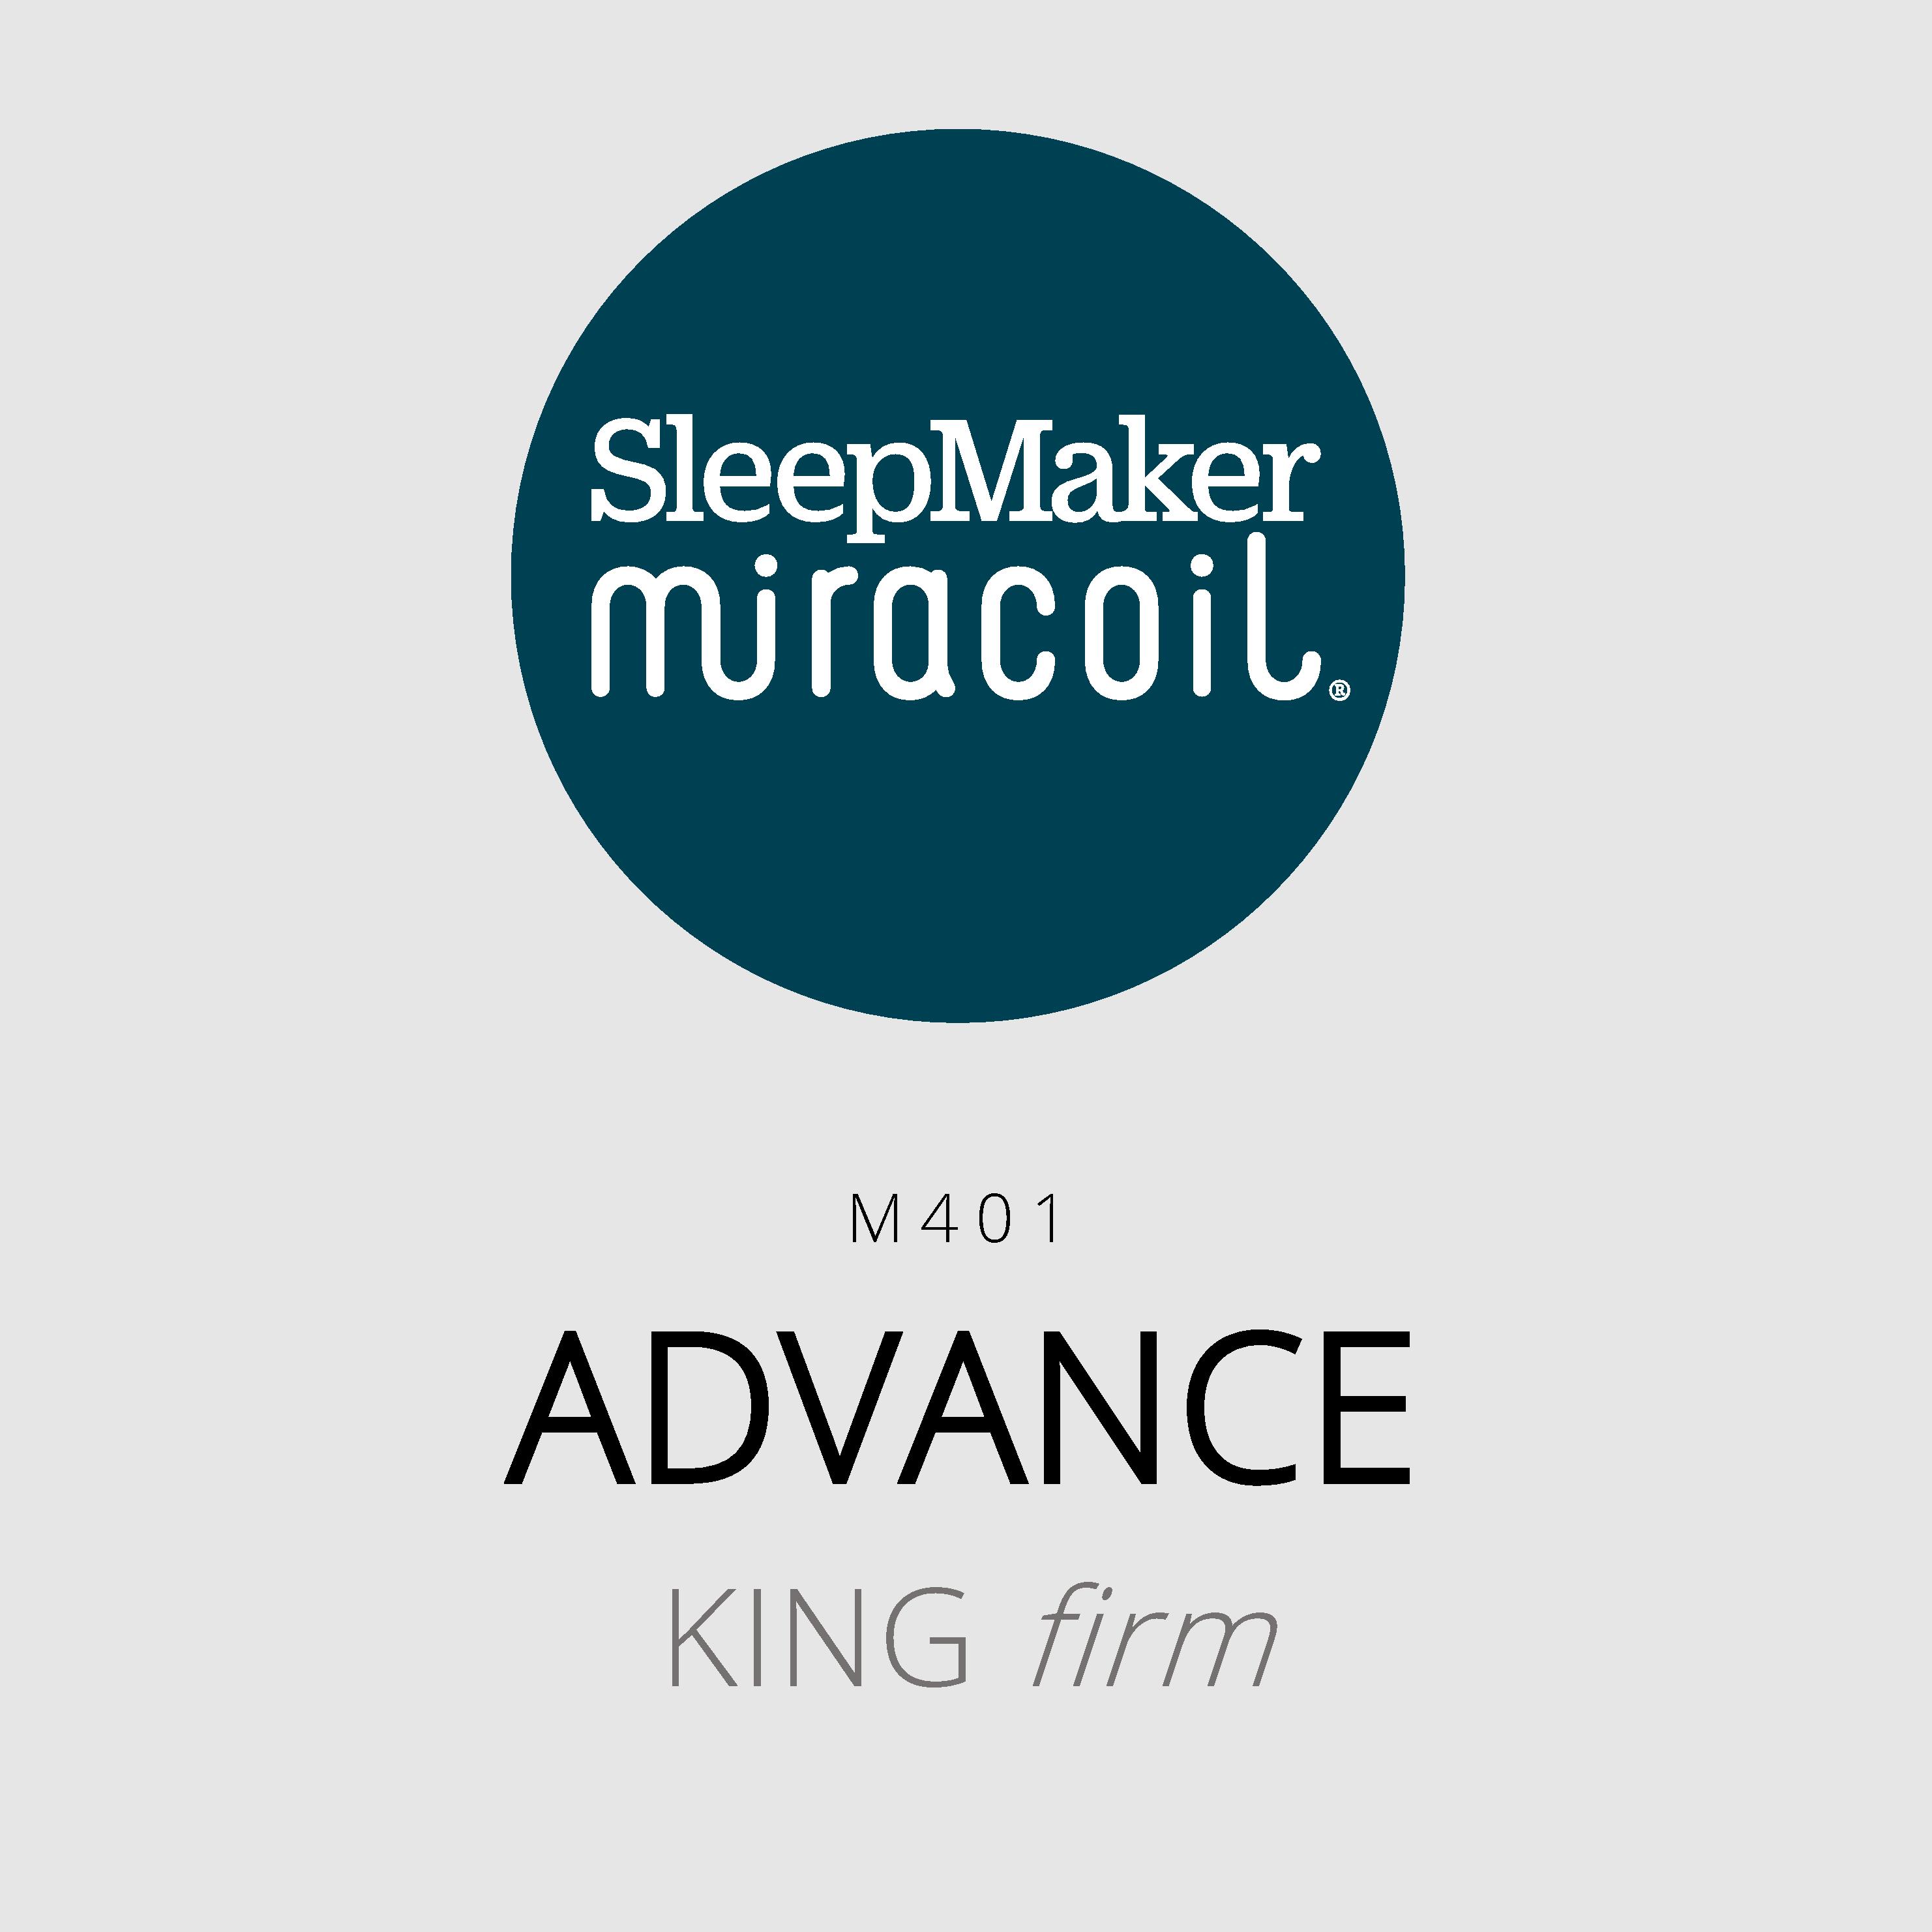 SleepMaker Miracoil – Advance – M401 – King Firm Mattress